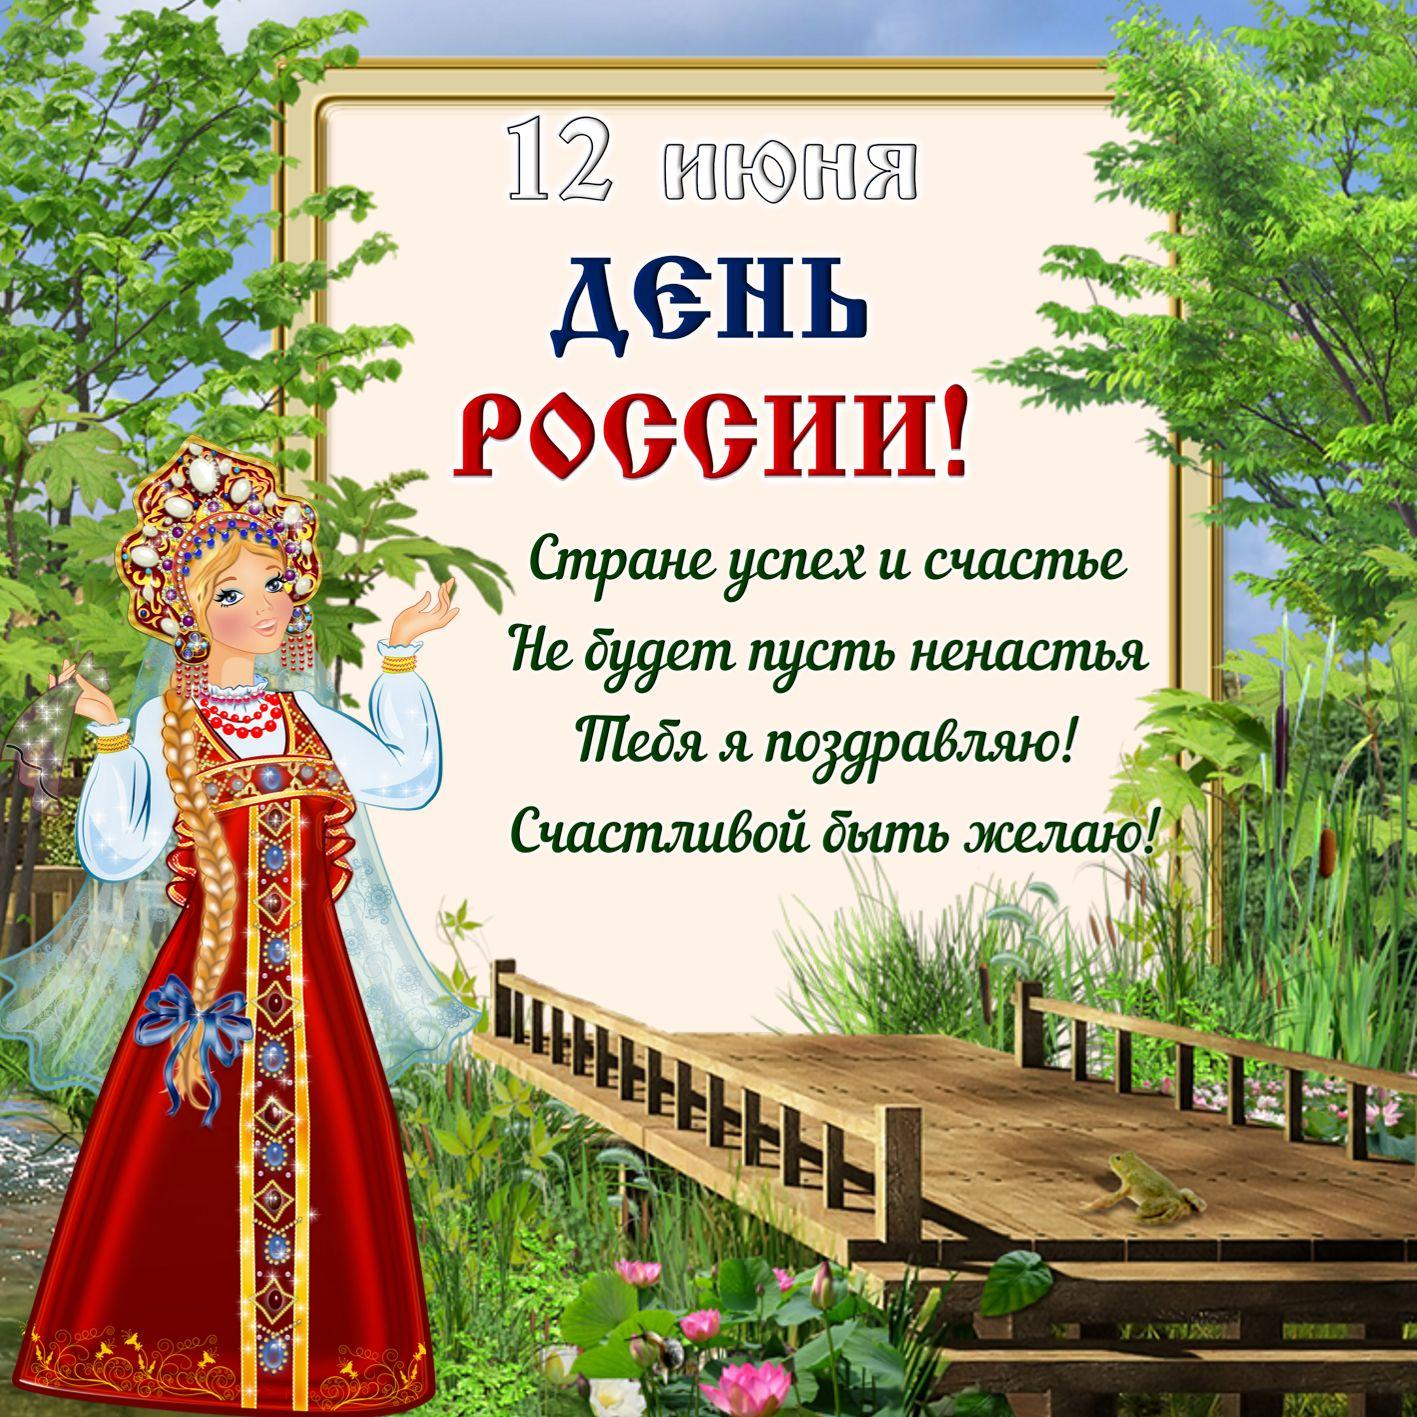 Поздравления в картинках с днем россии 12 июня